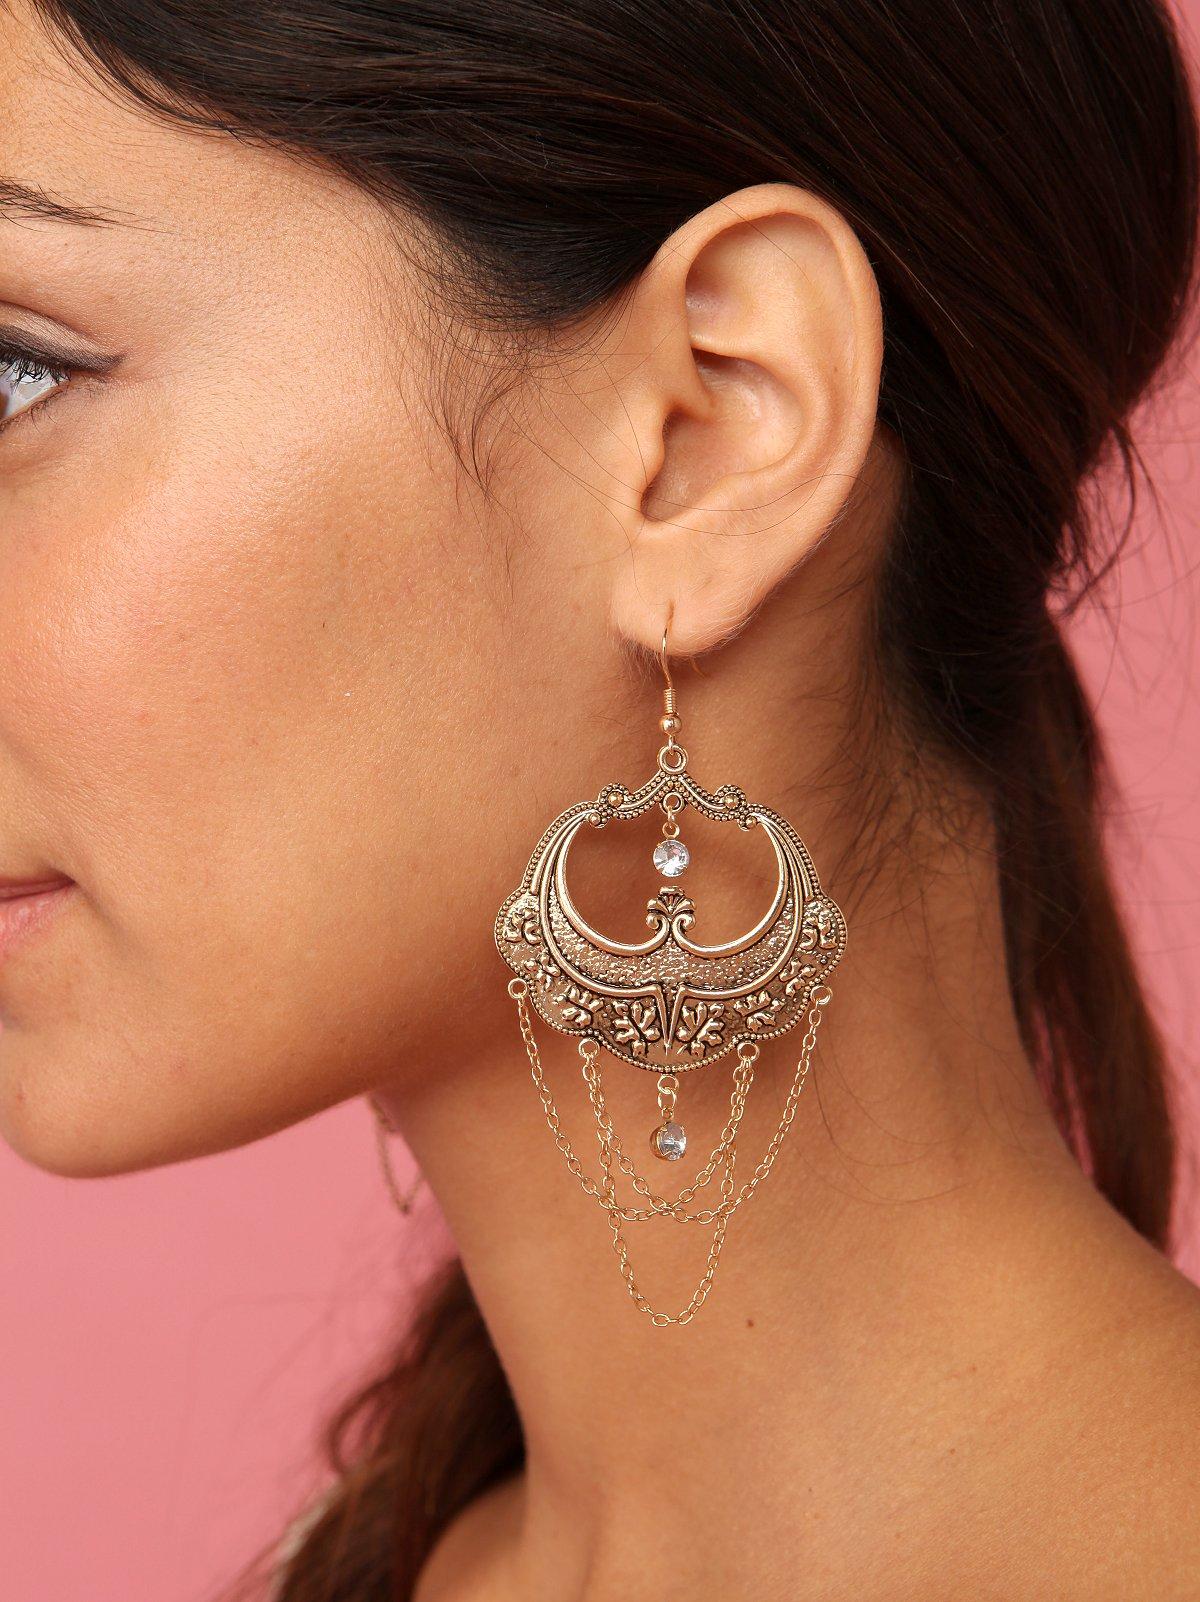 Gold Fan With Chain Earrings